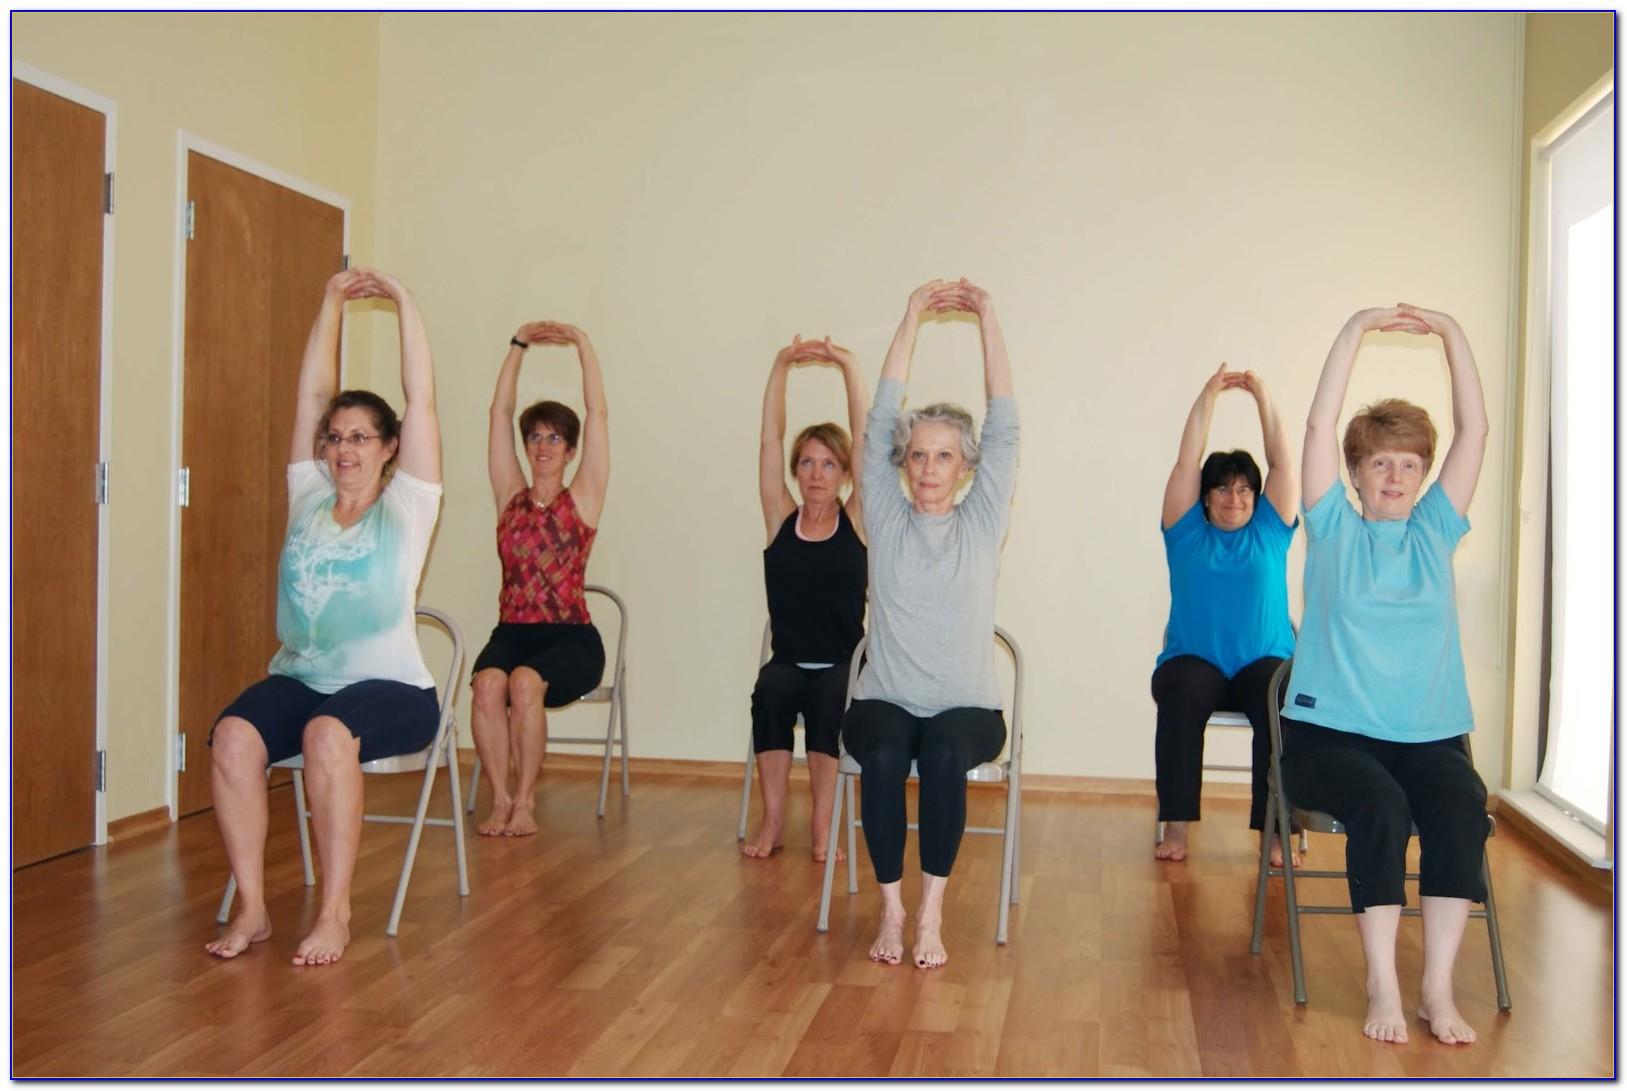 Chair Yoga For Seniors Dvd